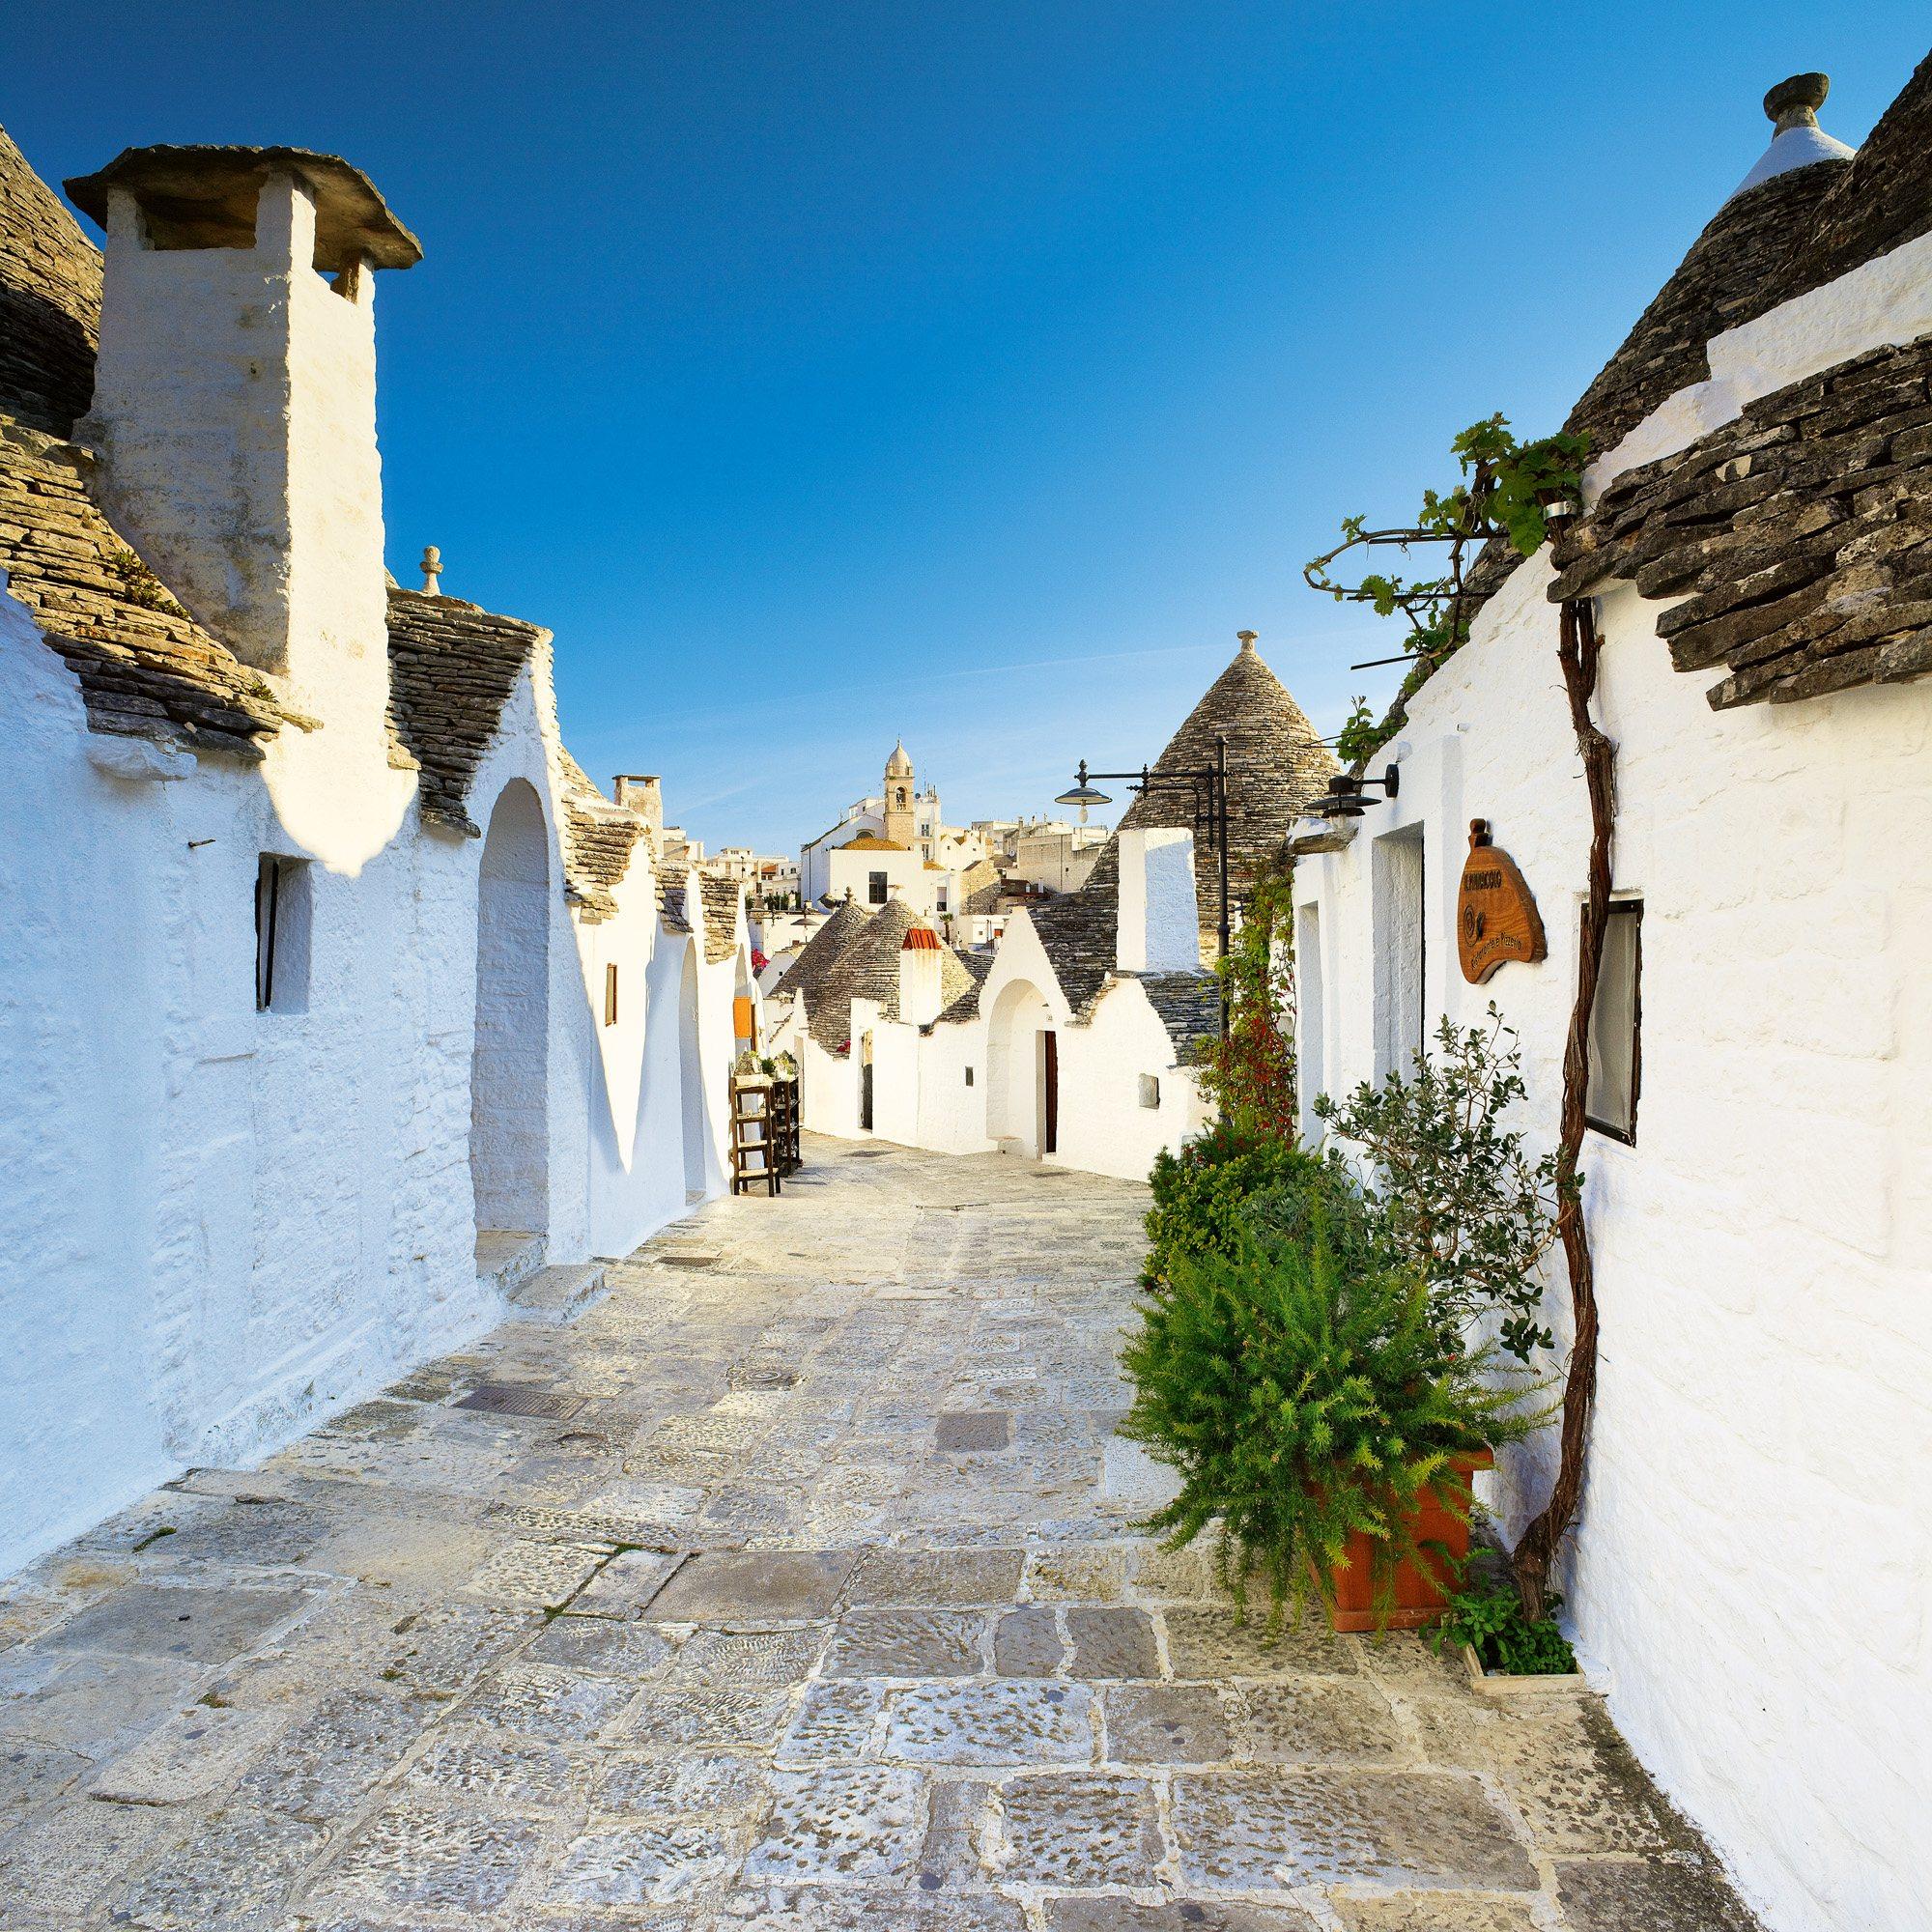 SIM-745187. Más de mil casas forman el núcleo antiguo de Alberobello